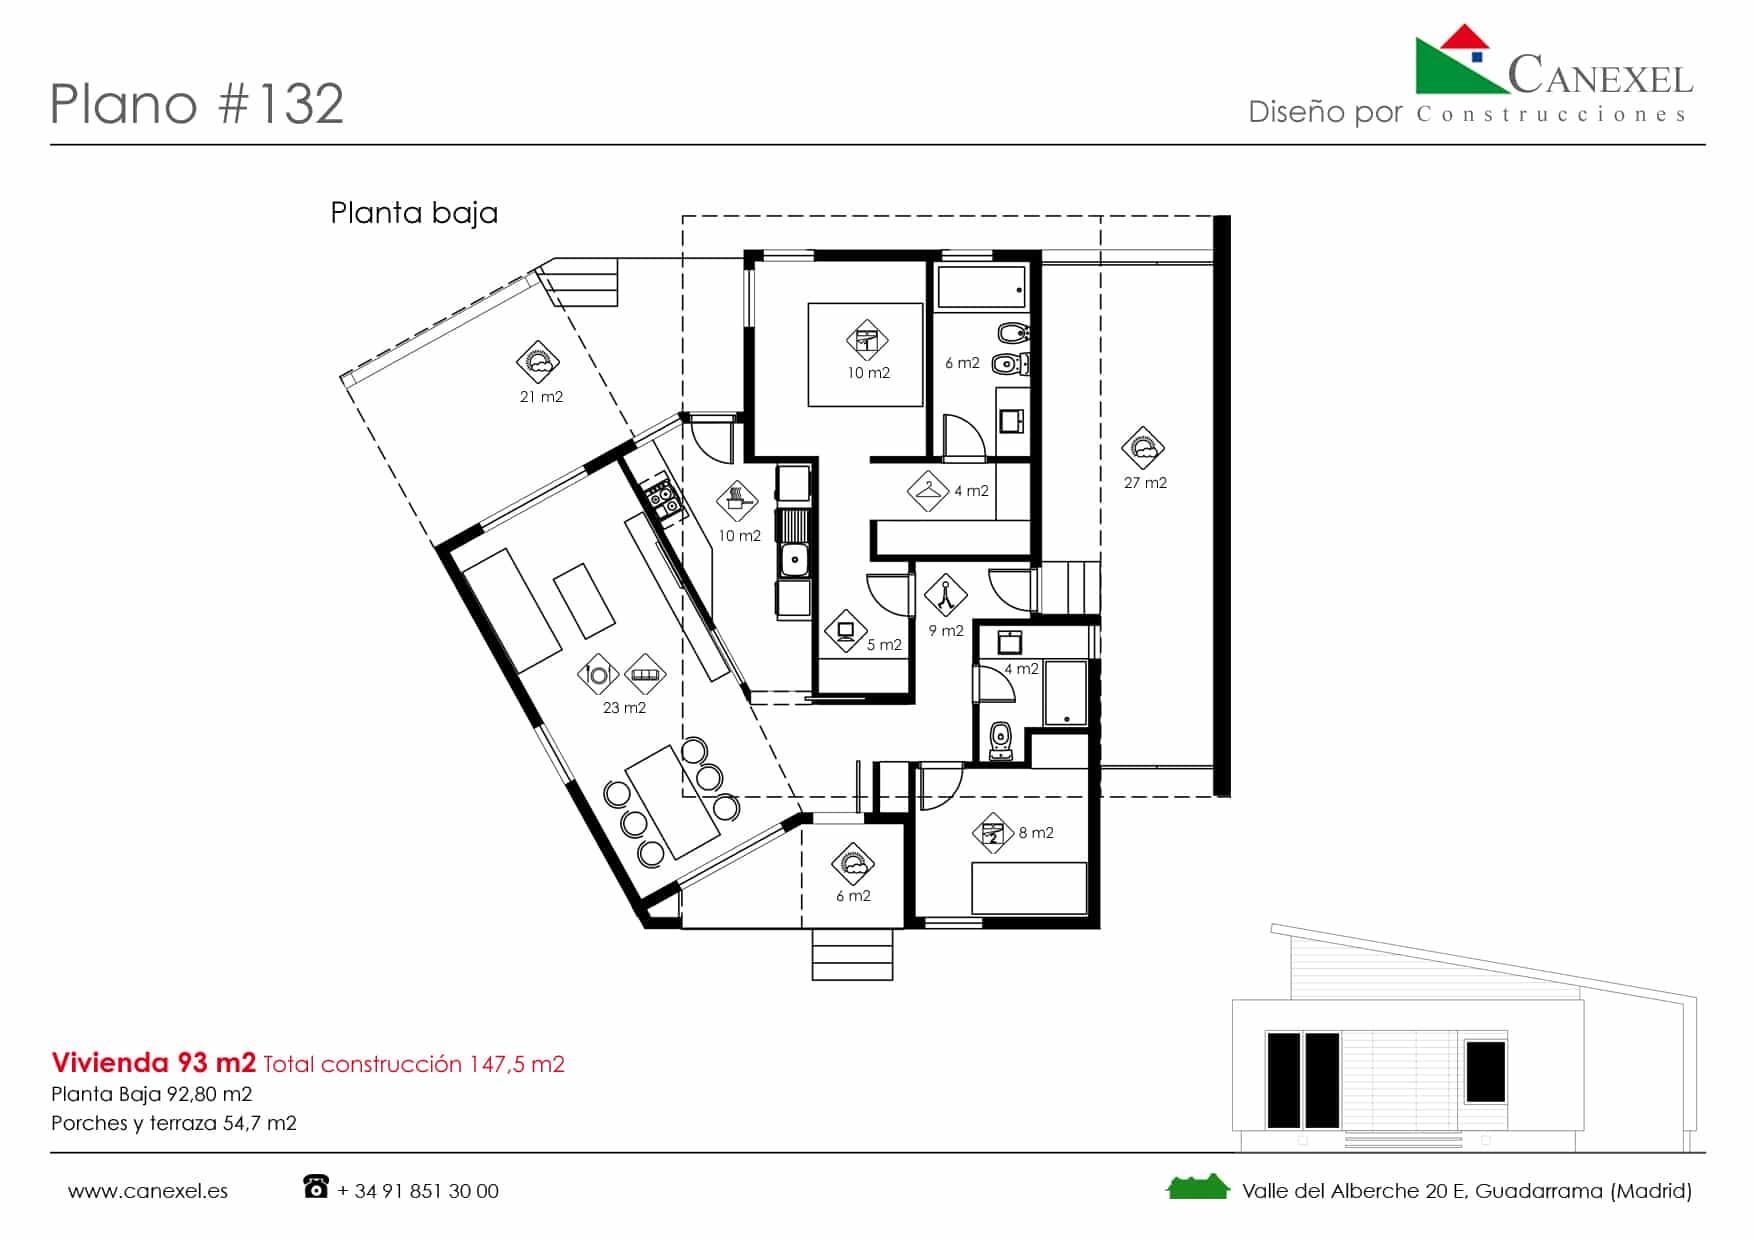 Planos de casas de una planta canexel - Casas planta baja ...